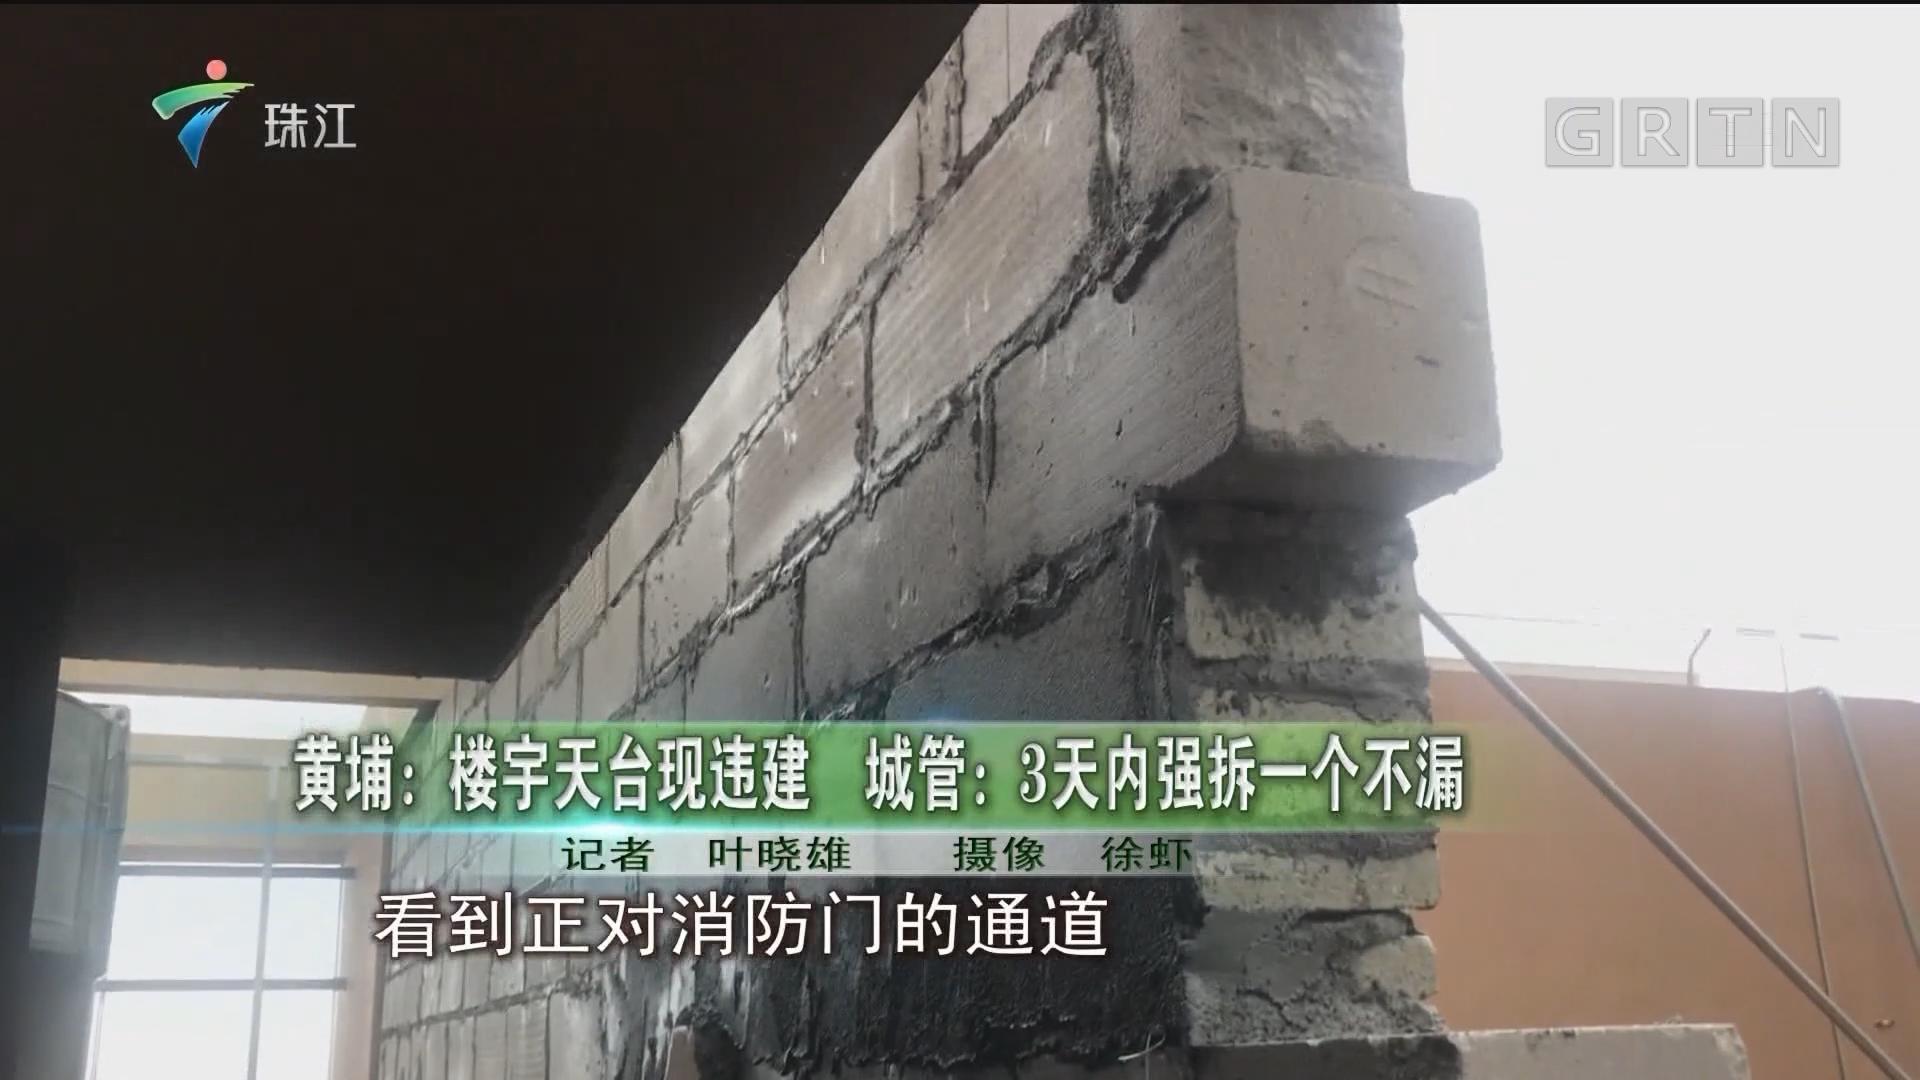 黄埔:楼宇天台现违建 城管:3天内强拆一个不漏